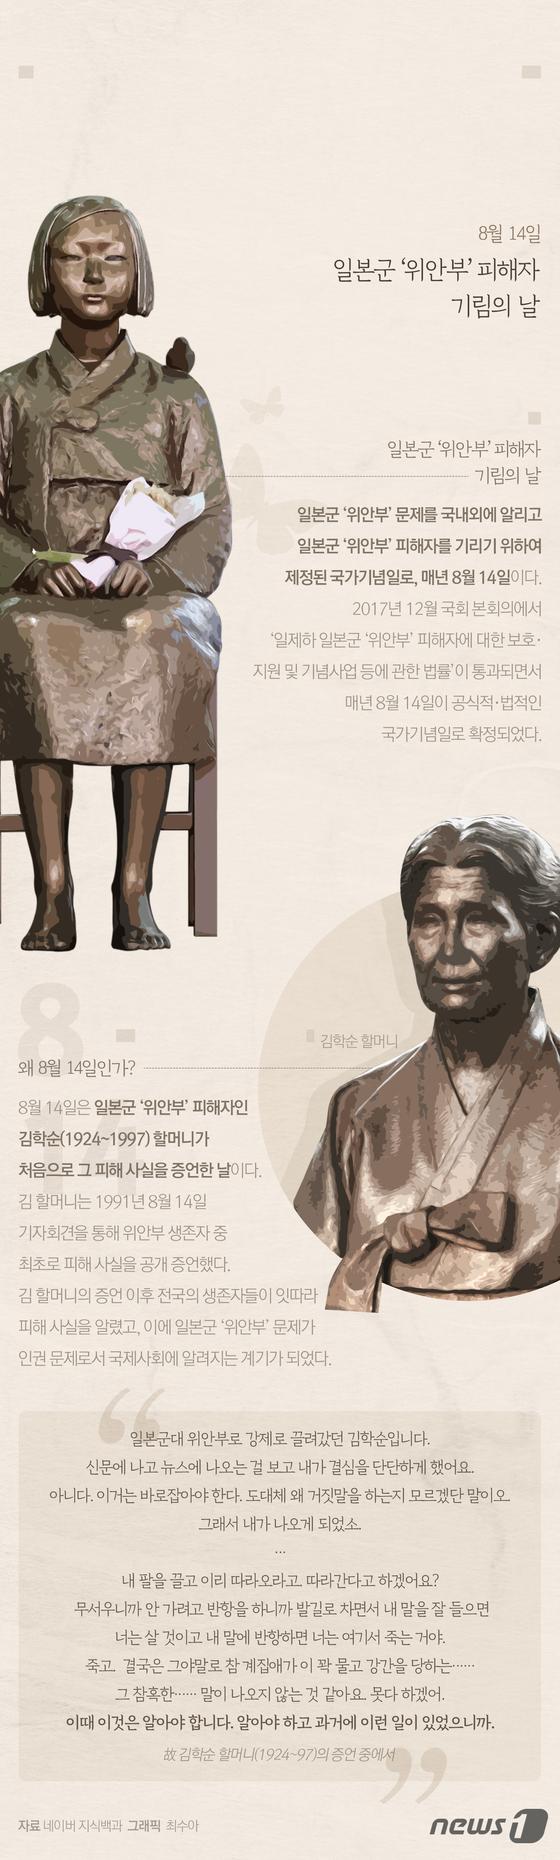 [그래픽뉴스] 일본군 \'위안부\' 피해자 기림의 날